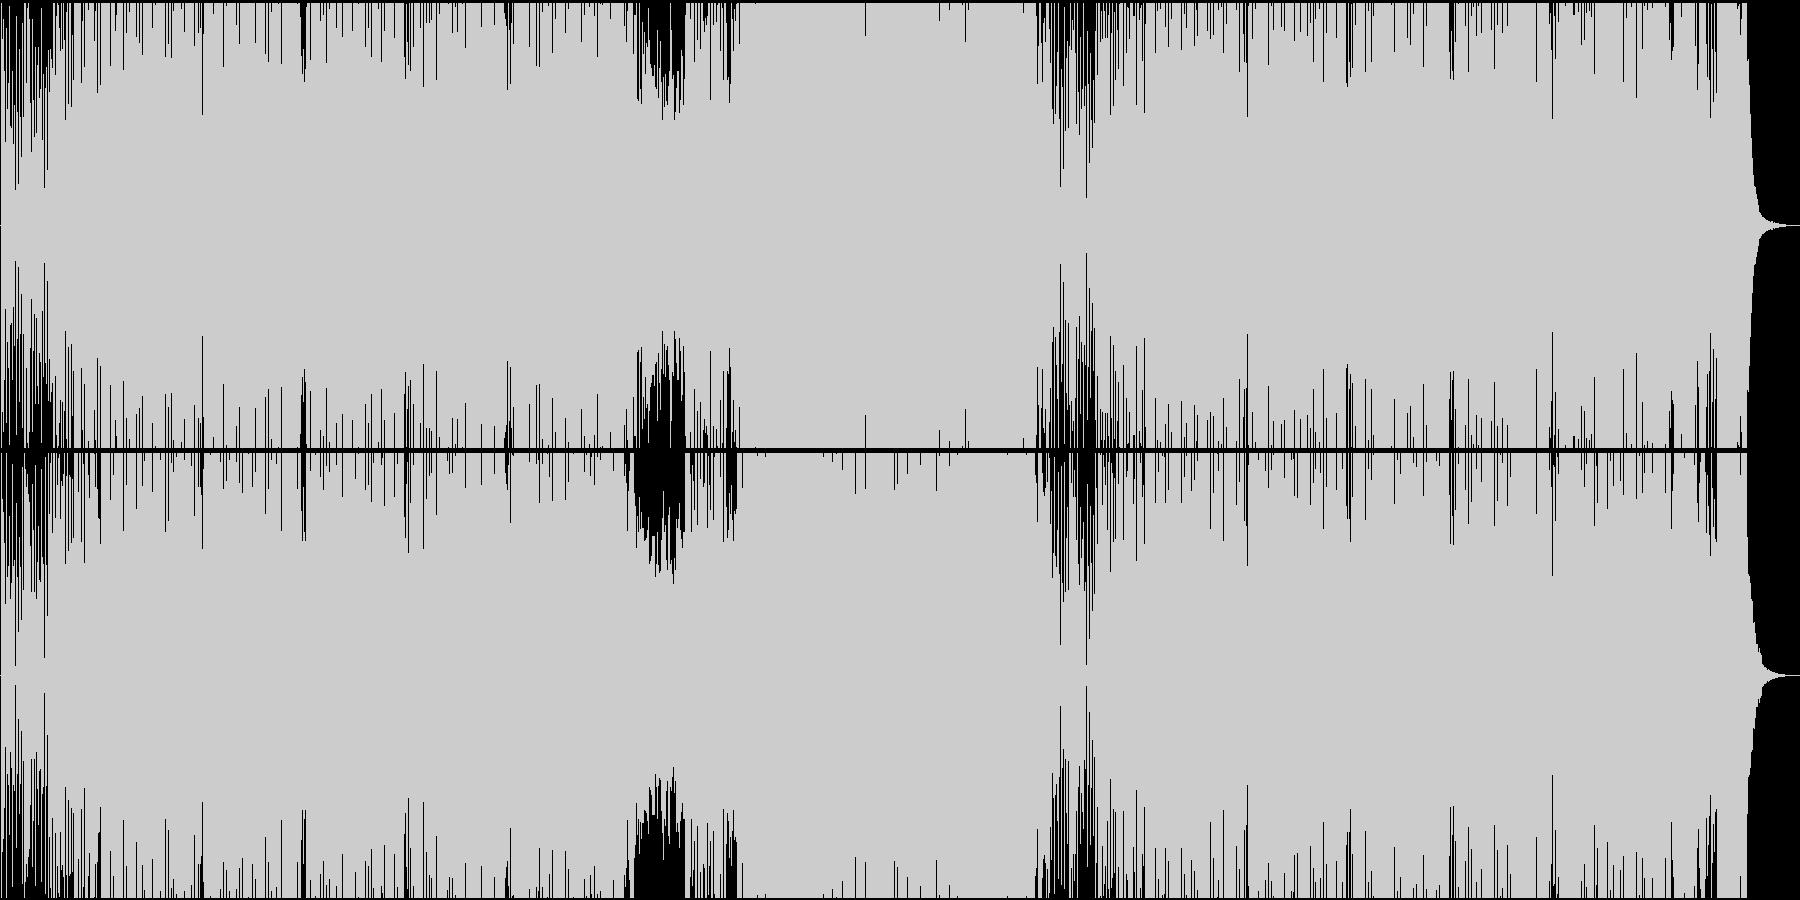 「カルメン/ビゼー」トランス系アレンジの未再生の波形